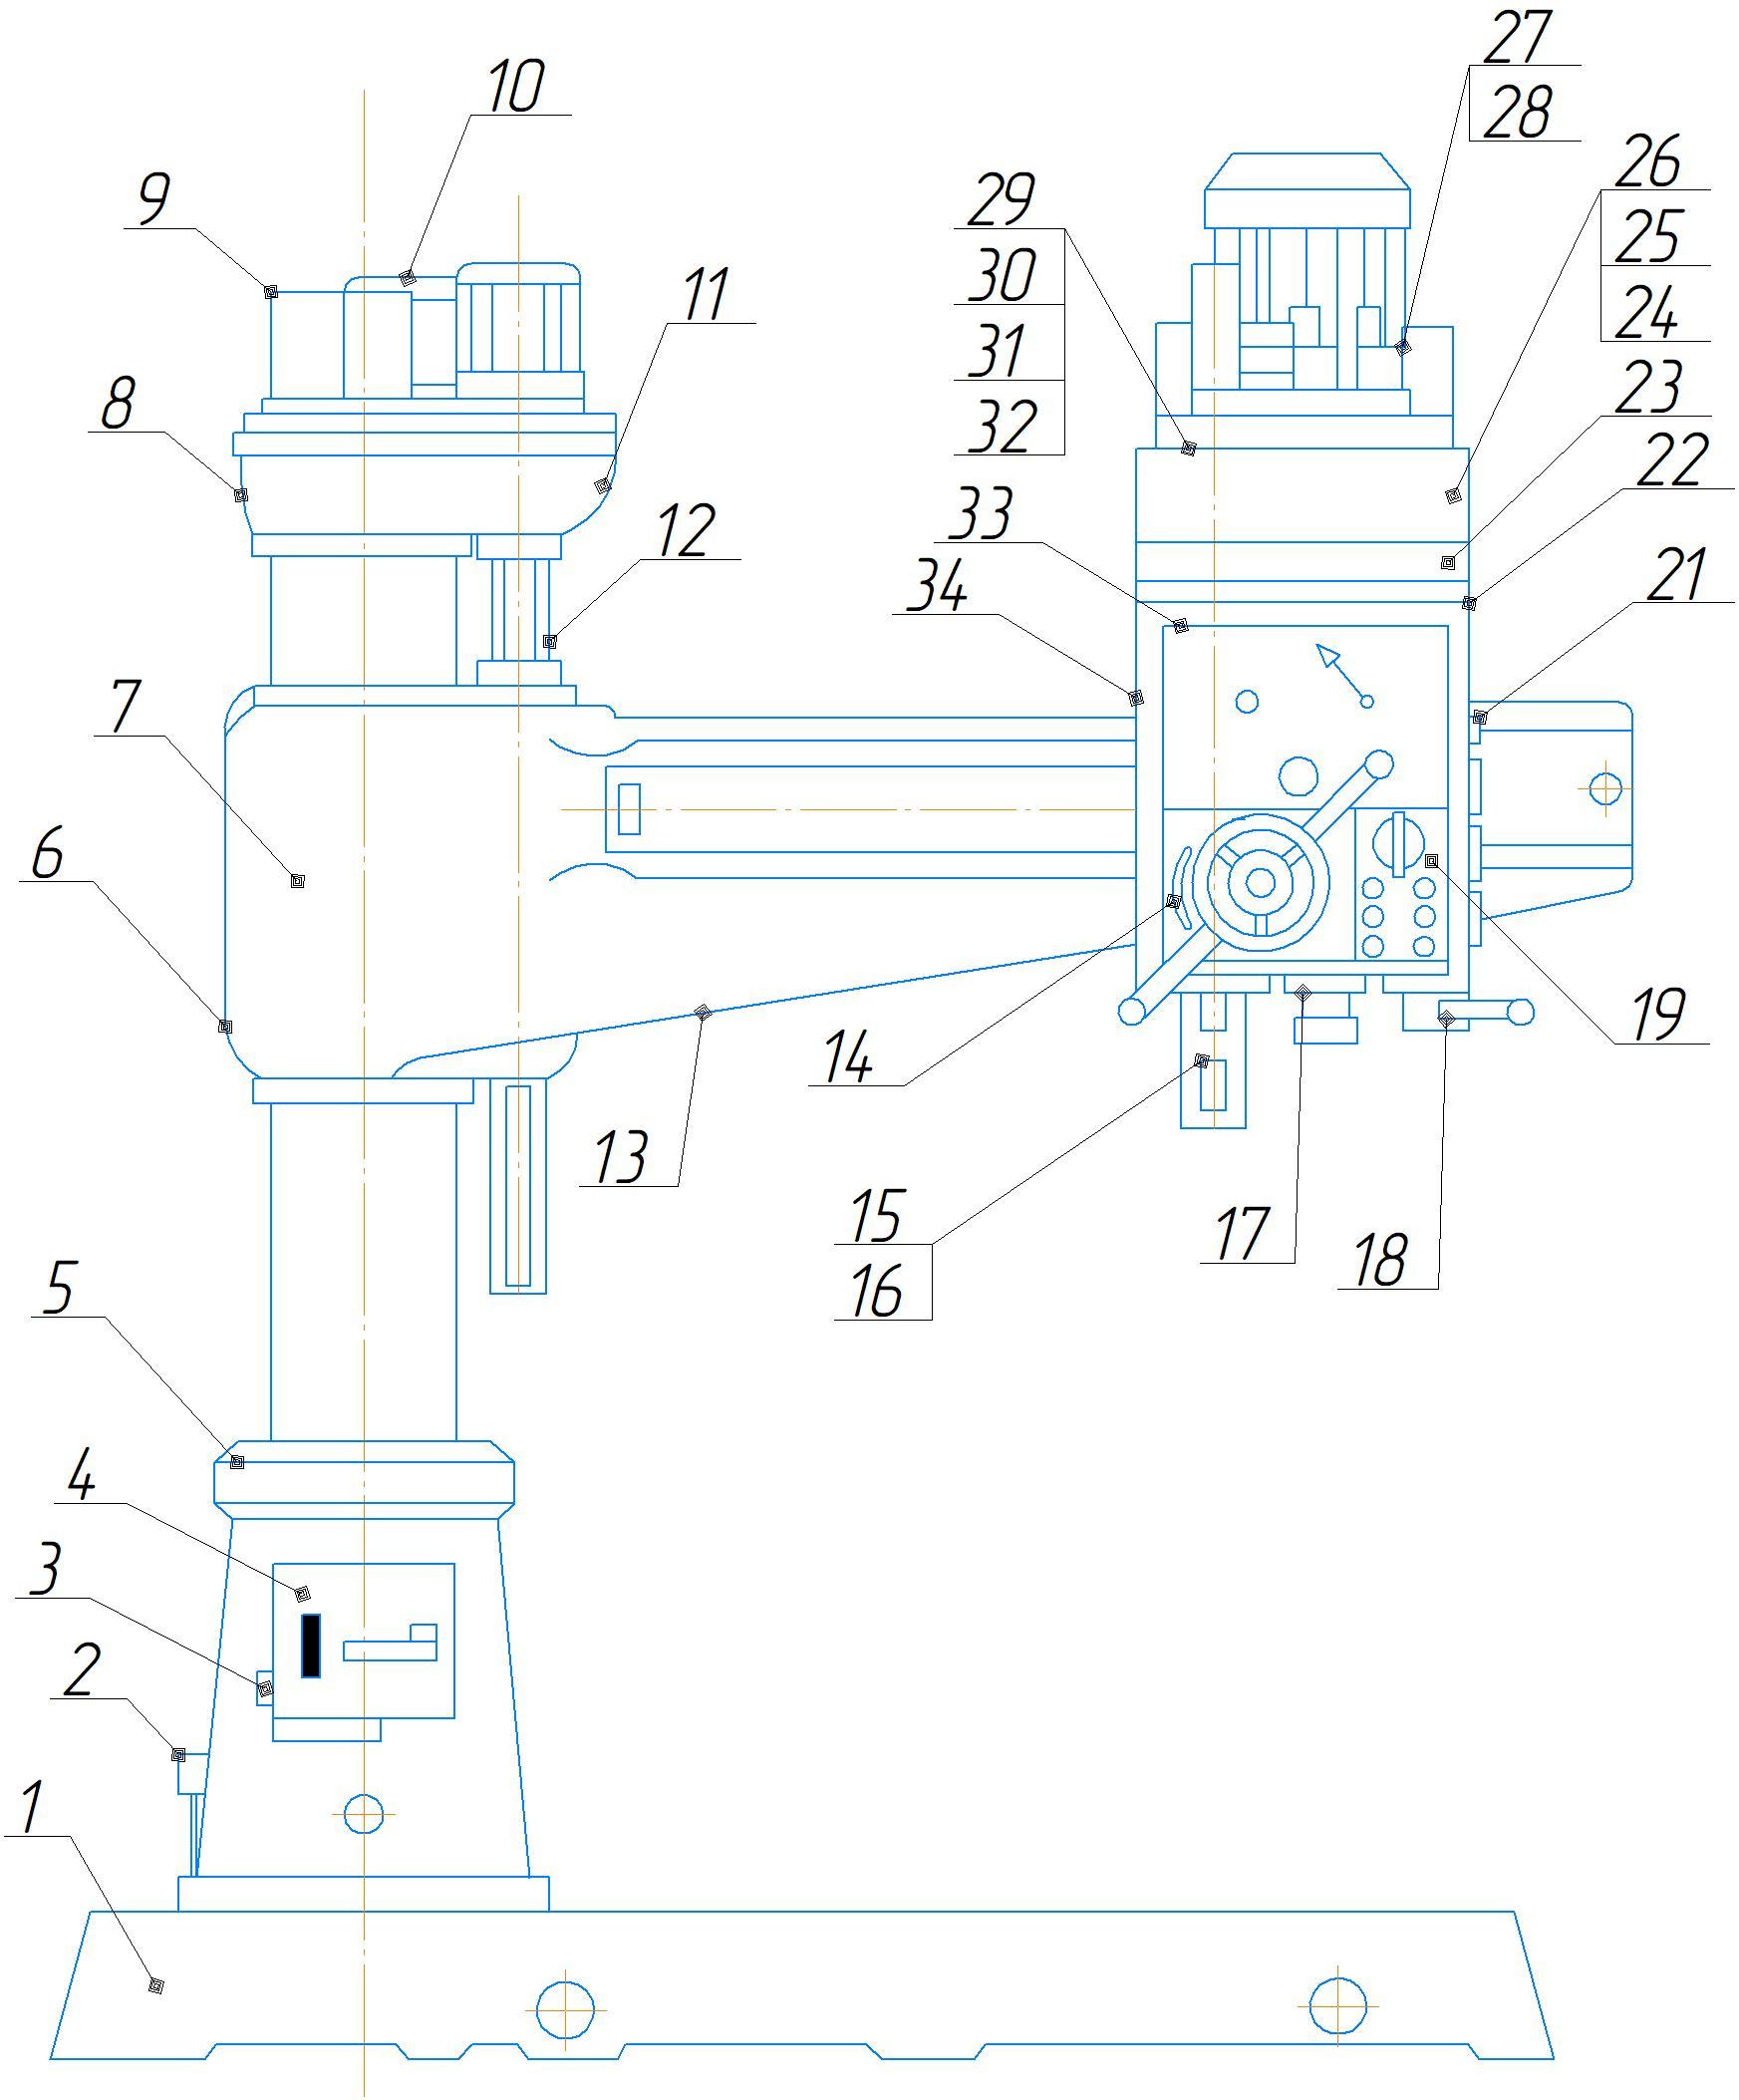 Общий вид с обозначением составных частей станка 2А554